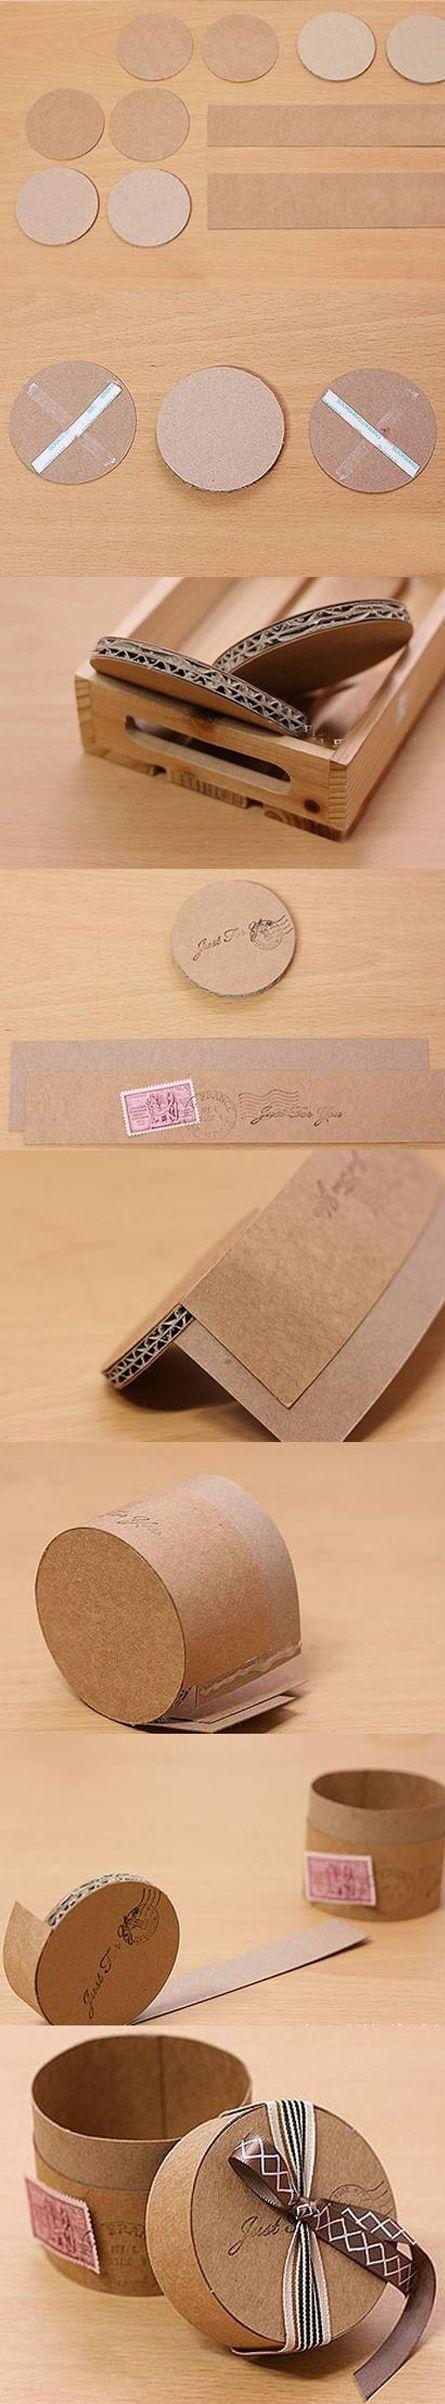 caja-reciclaje-carton-regalo-diy-muy-ingenioso-2